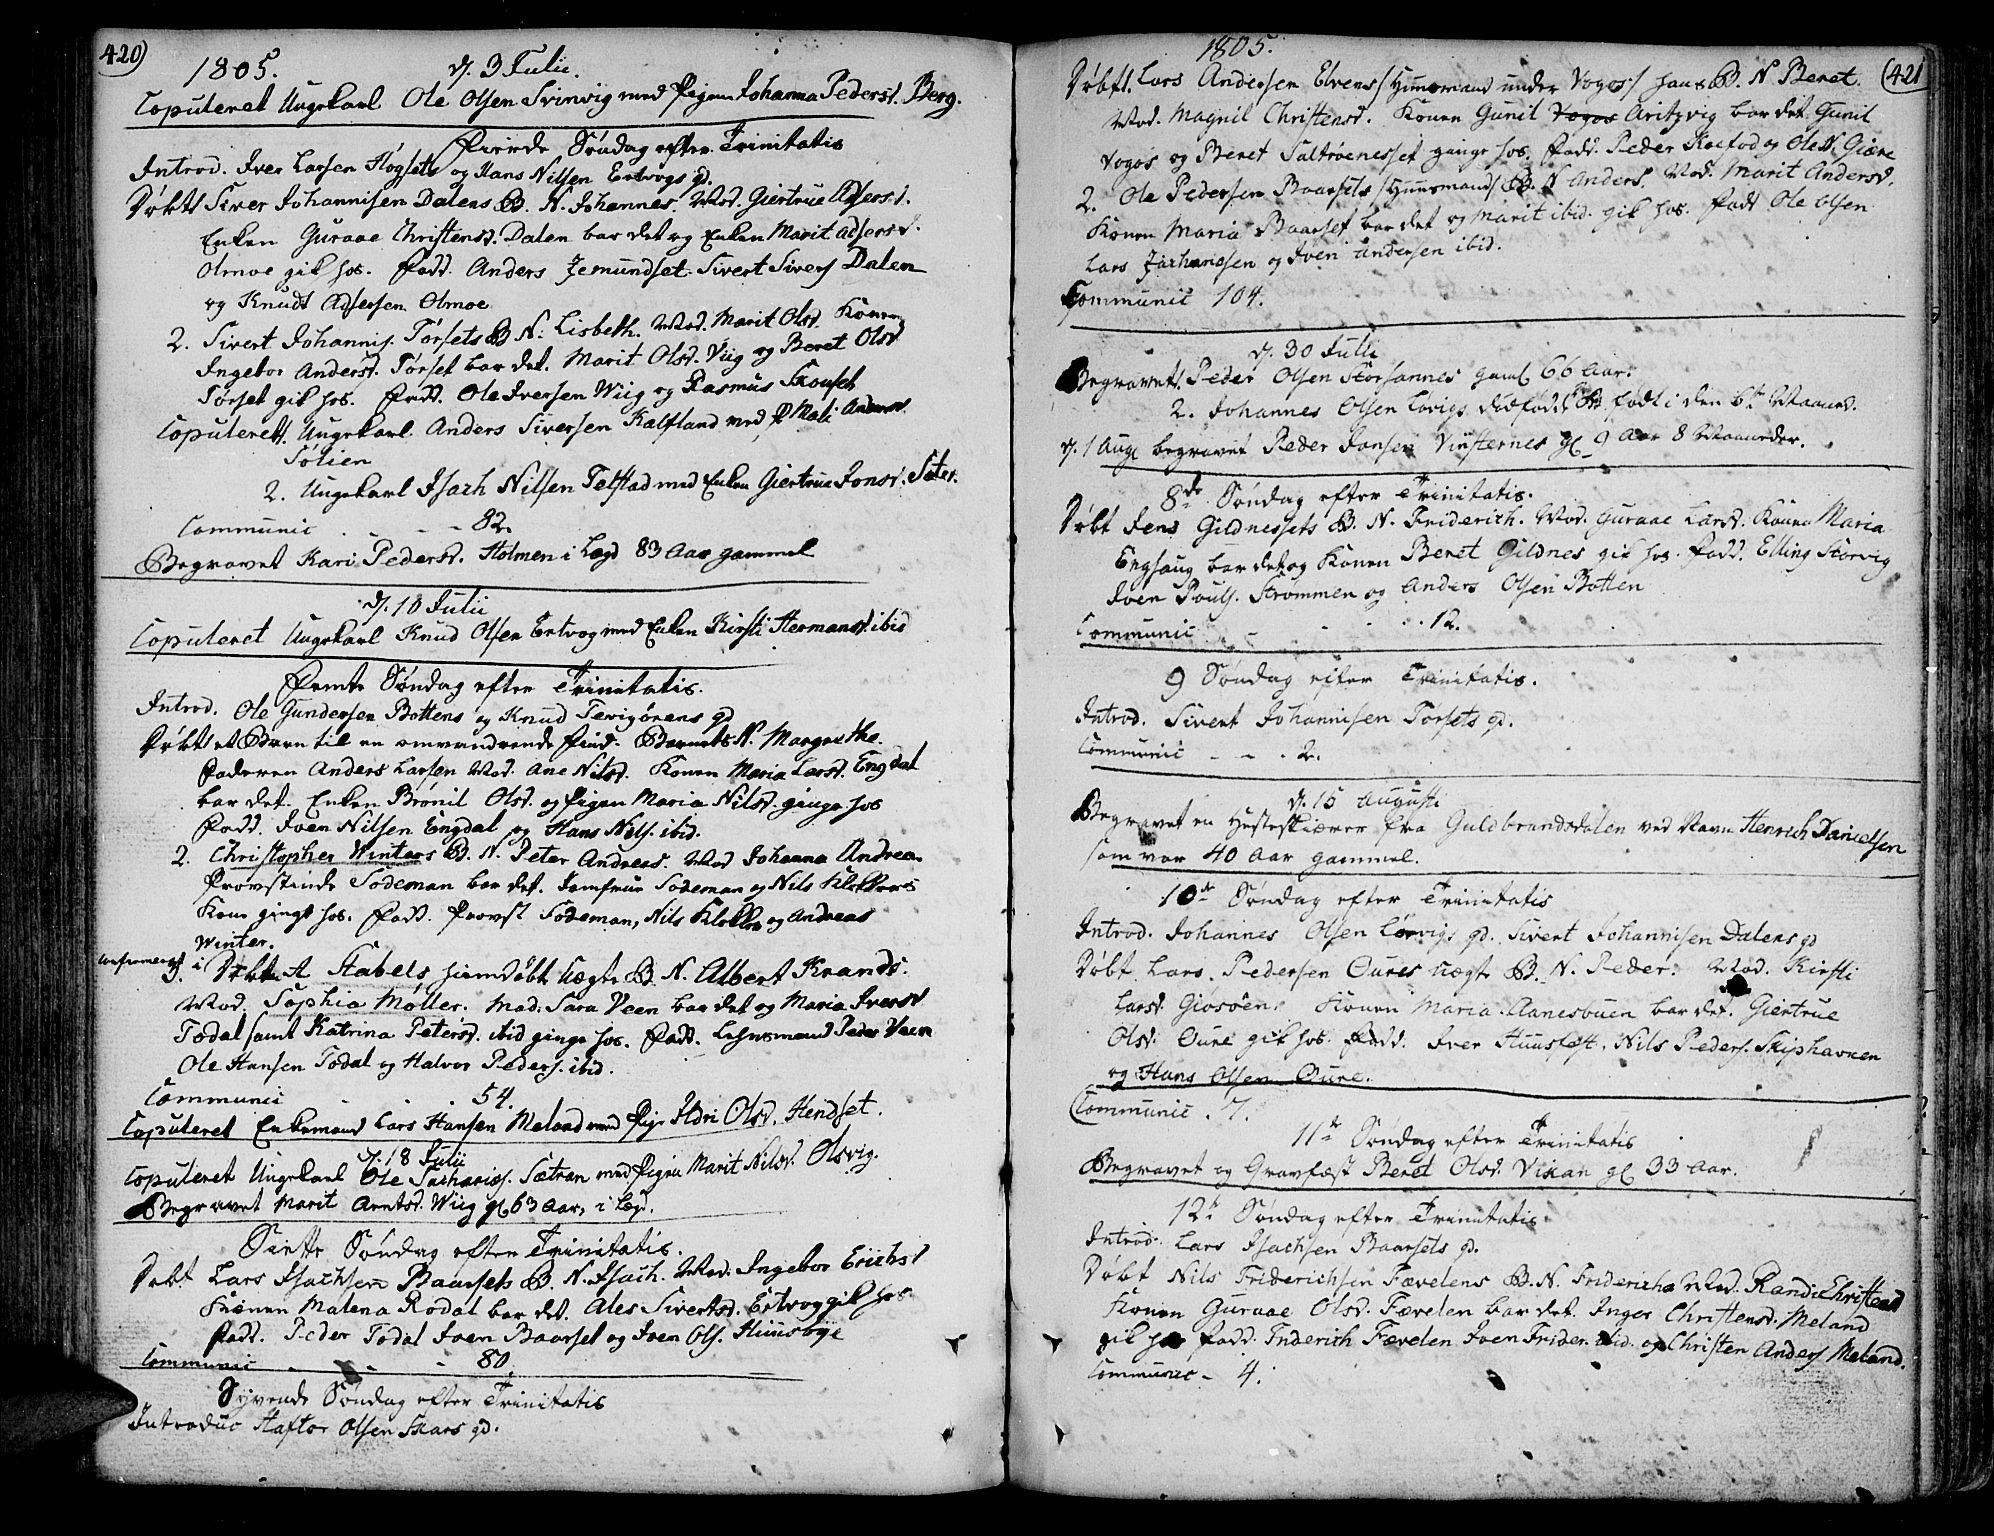 SAT, Ministerialprotokoller, klokkerbøker og fødselsregistre - Møre og Romsdal, 578/L0902: Parish register (official) no. 578A01, 1772-1819, p. 420-421